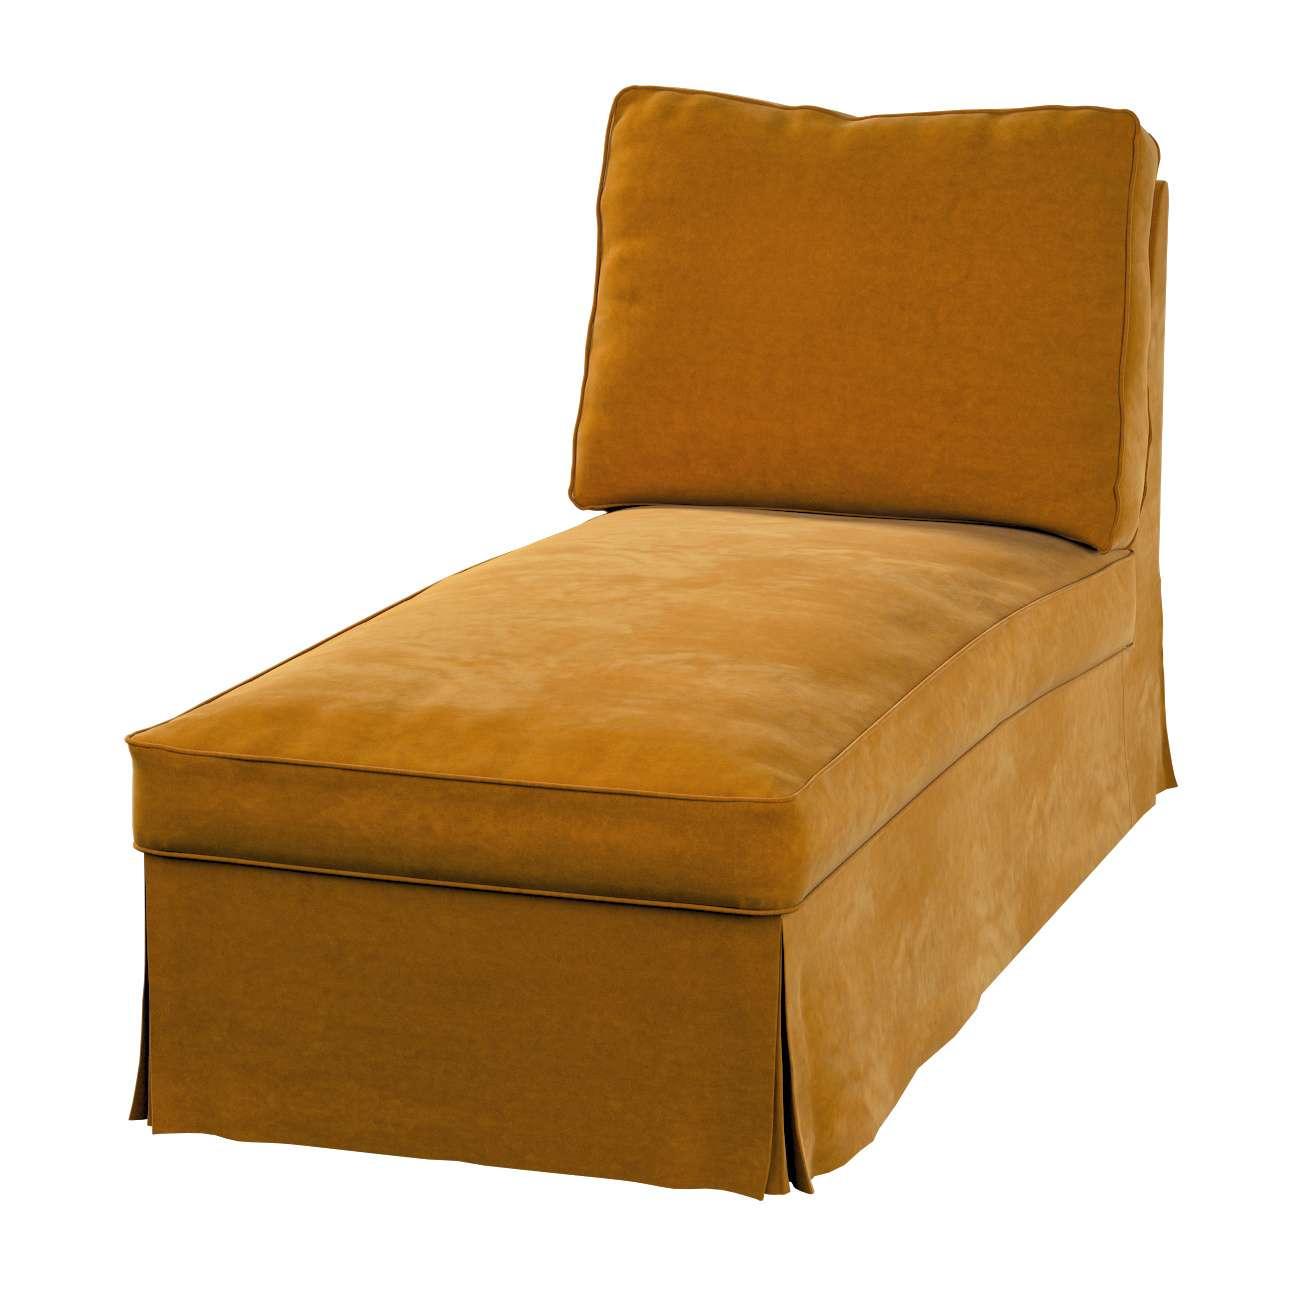 Pokrowiec na szezlong/ leżankę Ektorp wolnostojący prosty tył w kolekcji Velvet, tkanina: 704-23